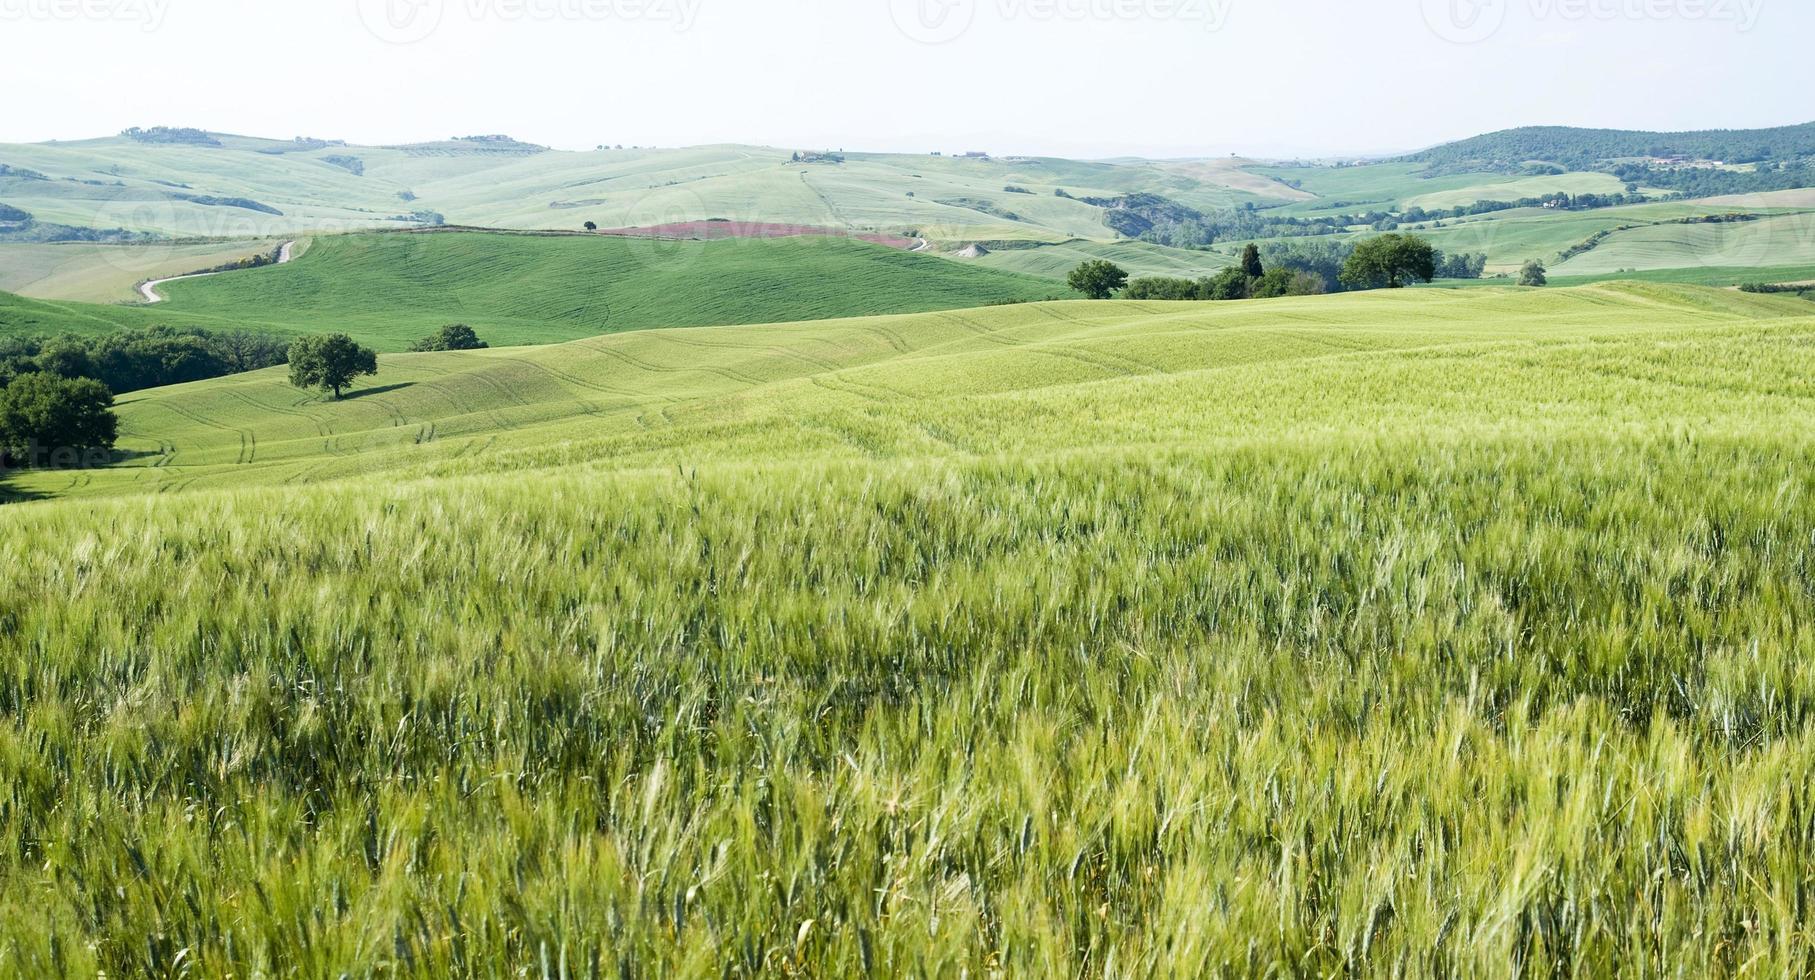 campos de maiz foto